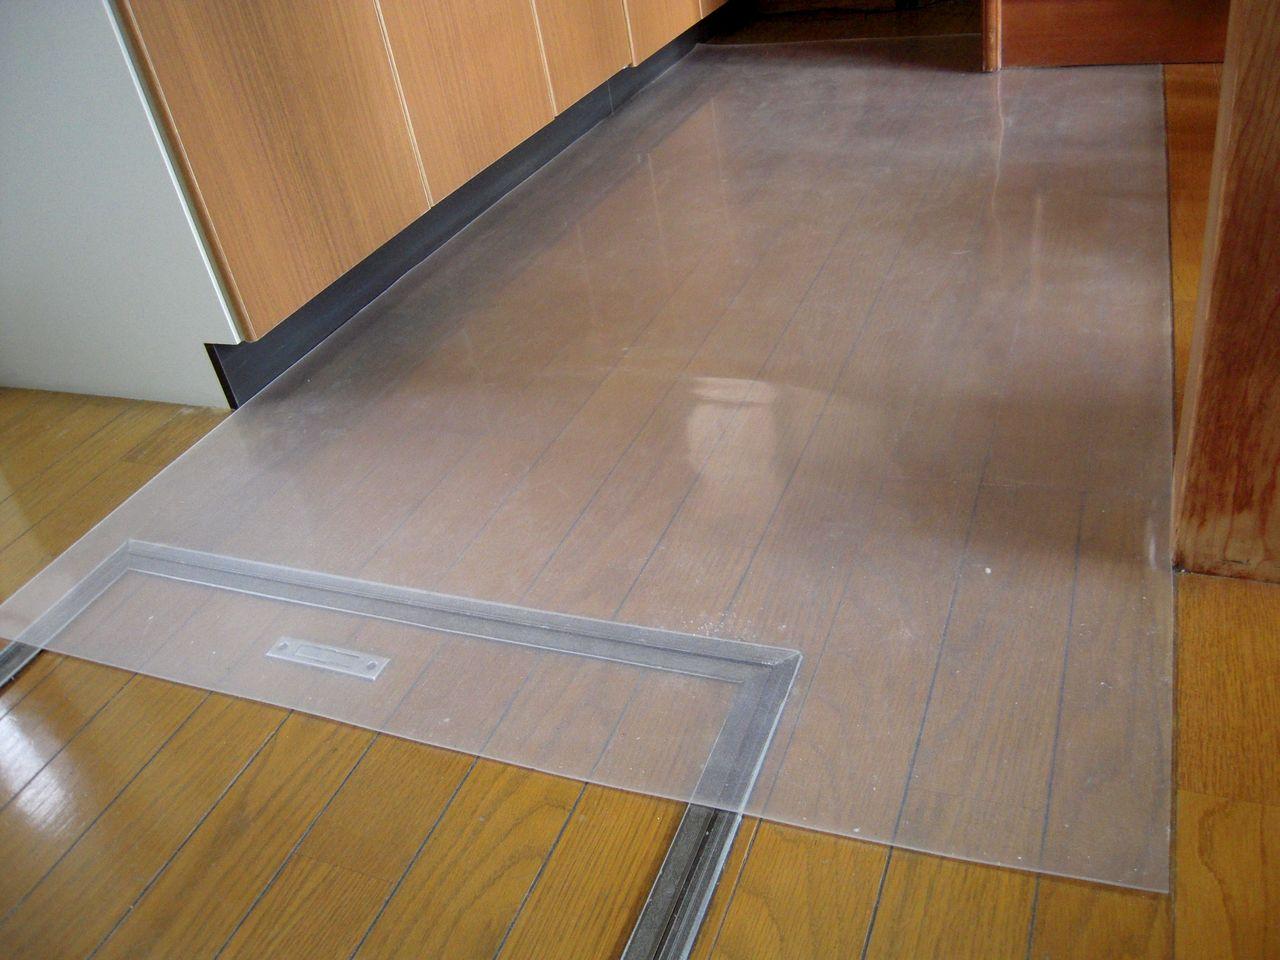 台所のリフォーム⑦ フローリング床の補修など : いえけあれぽーと